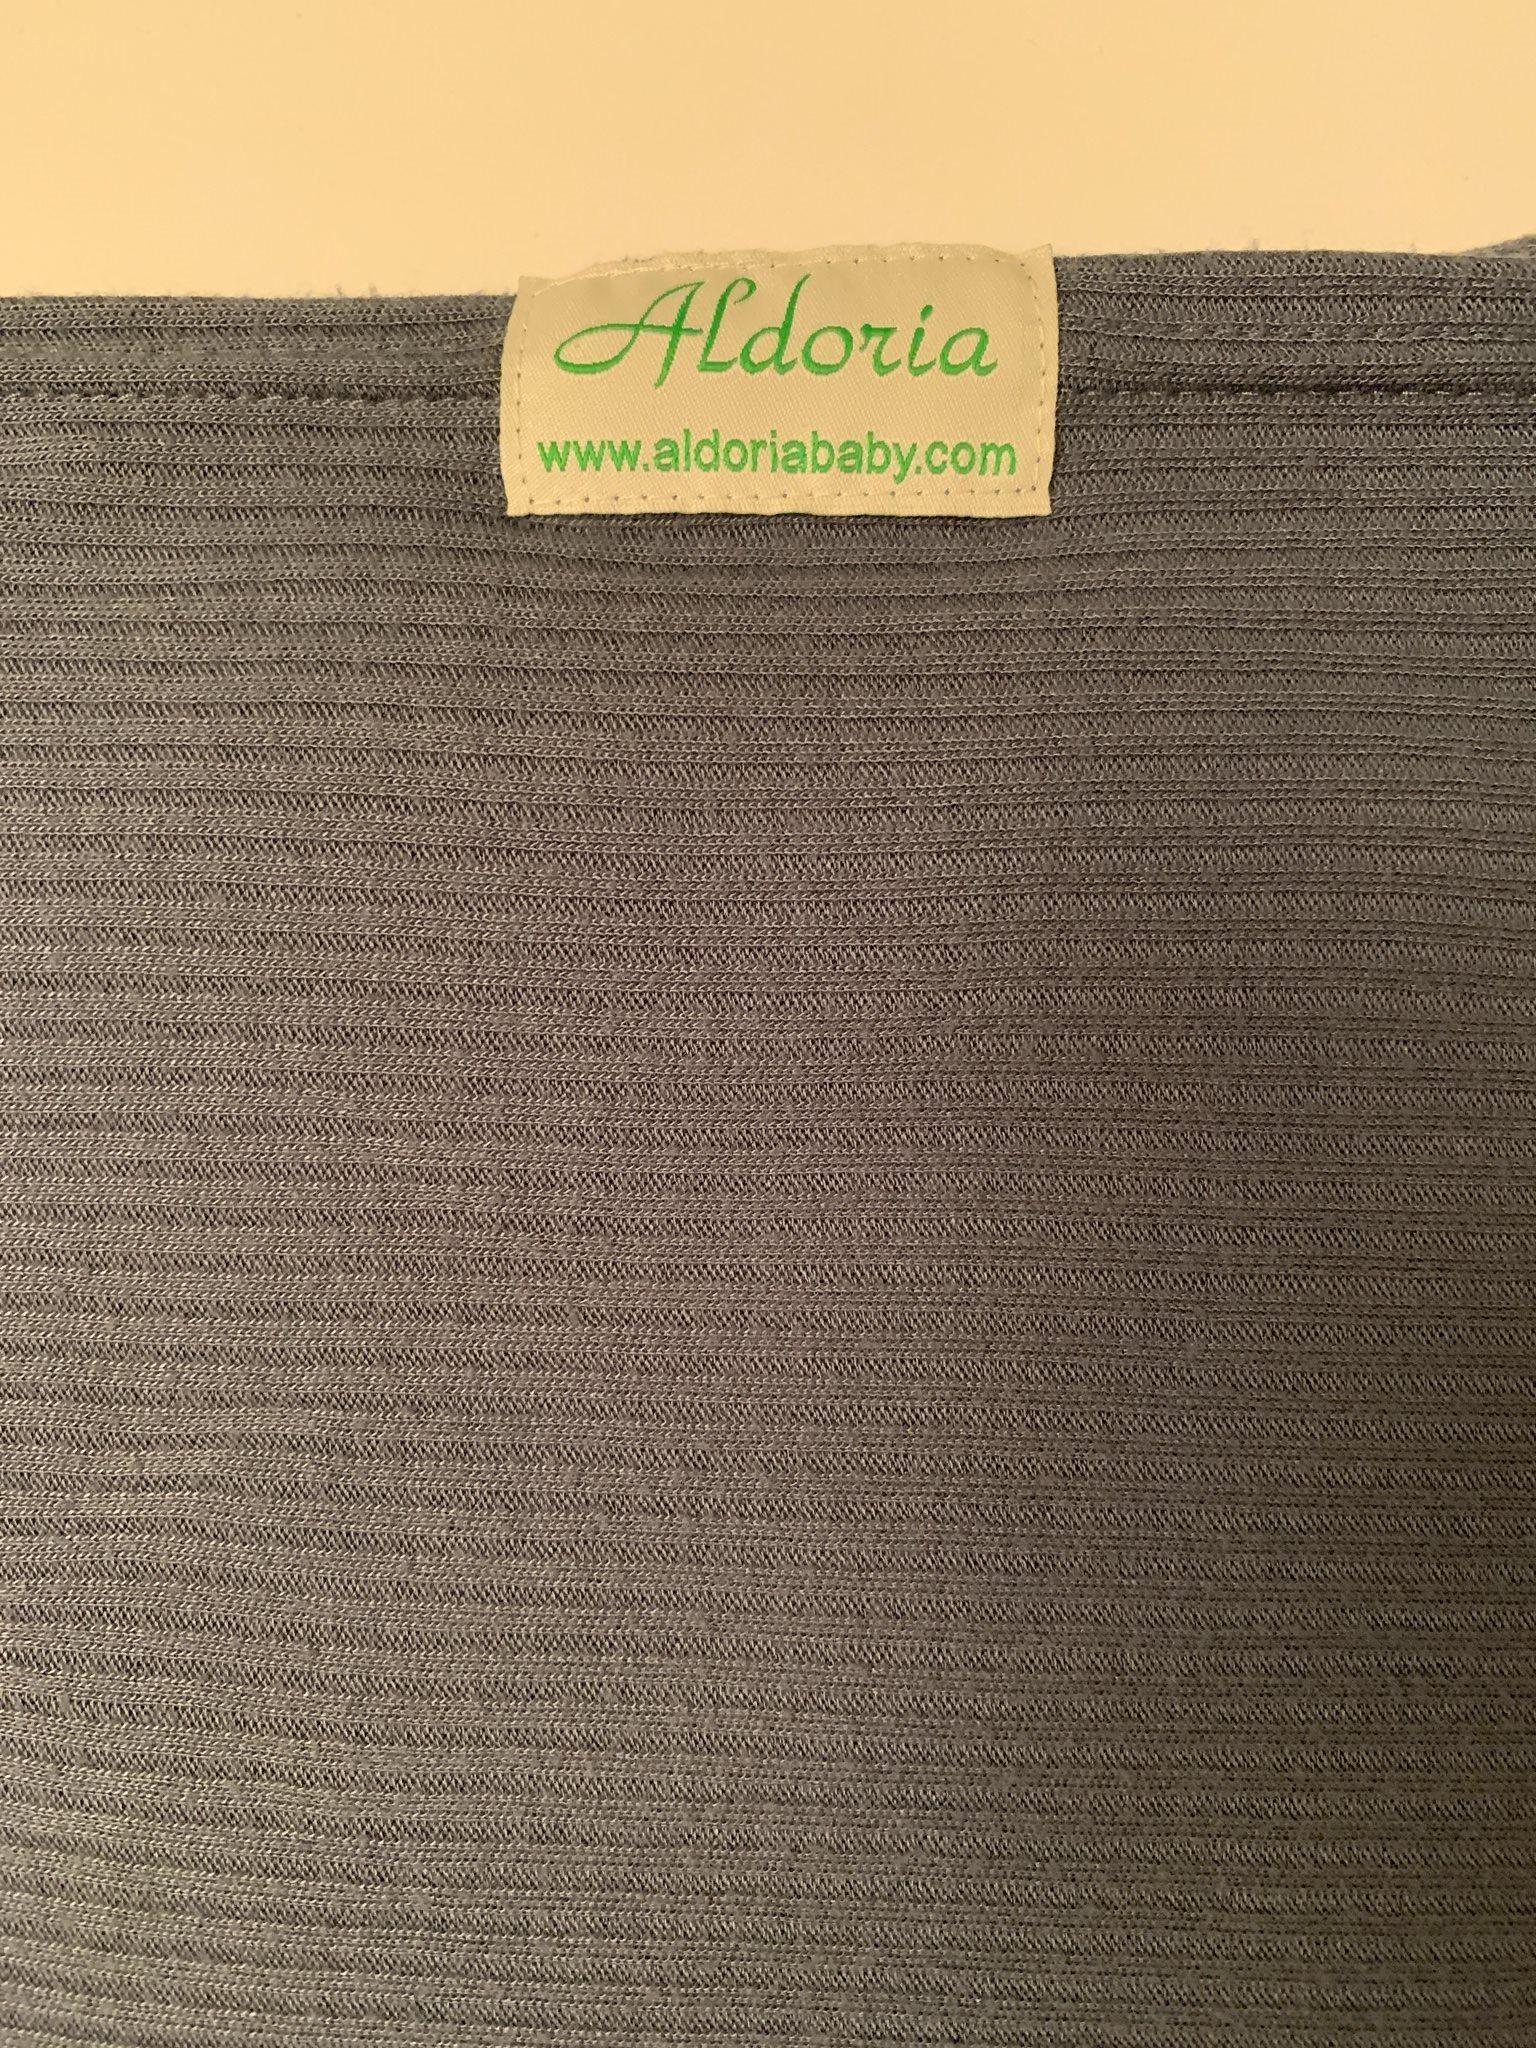 Aldoria bärsjal bärsjal bärsjal 63f09f